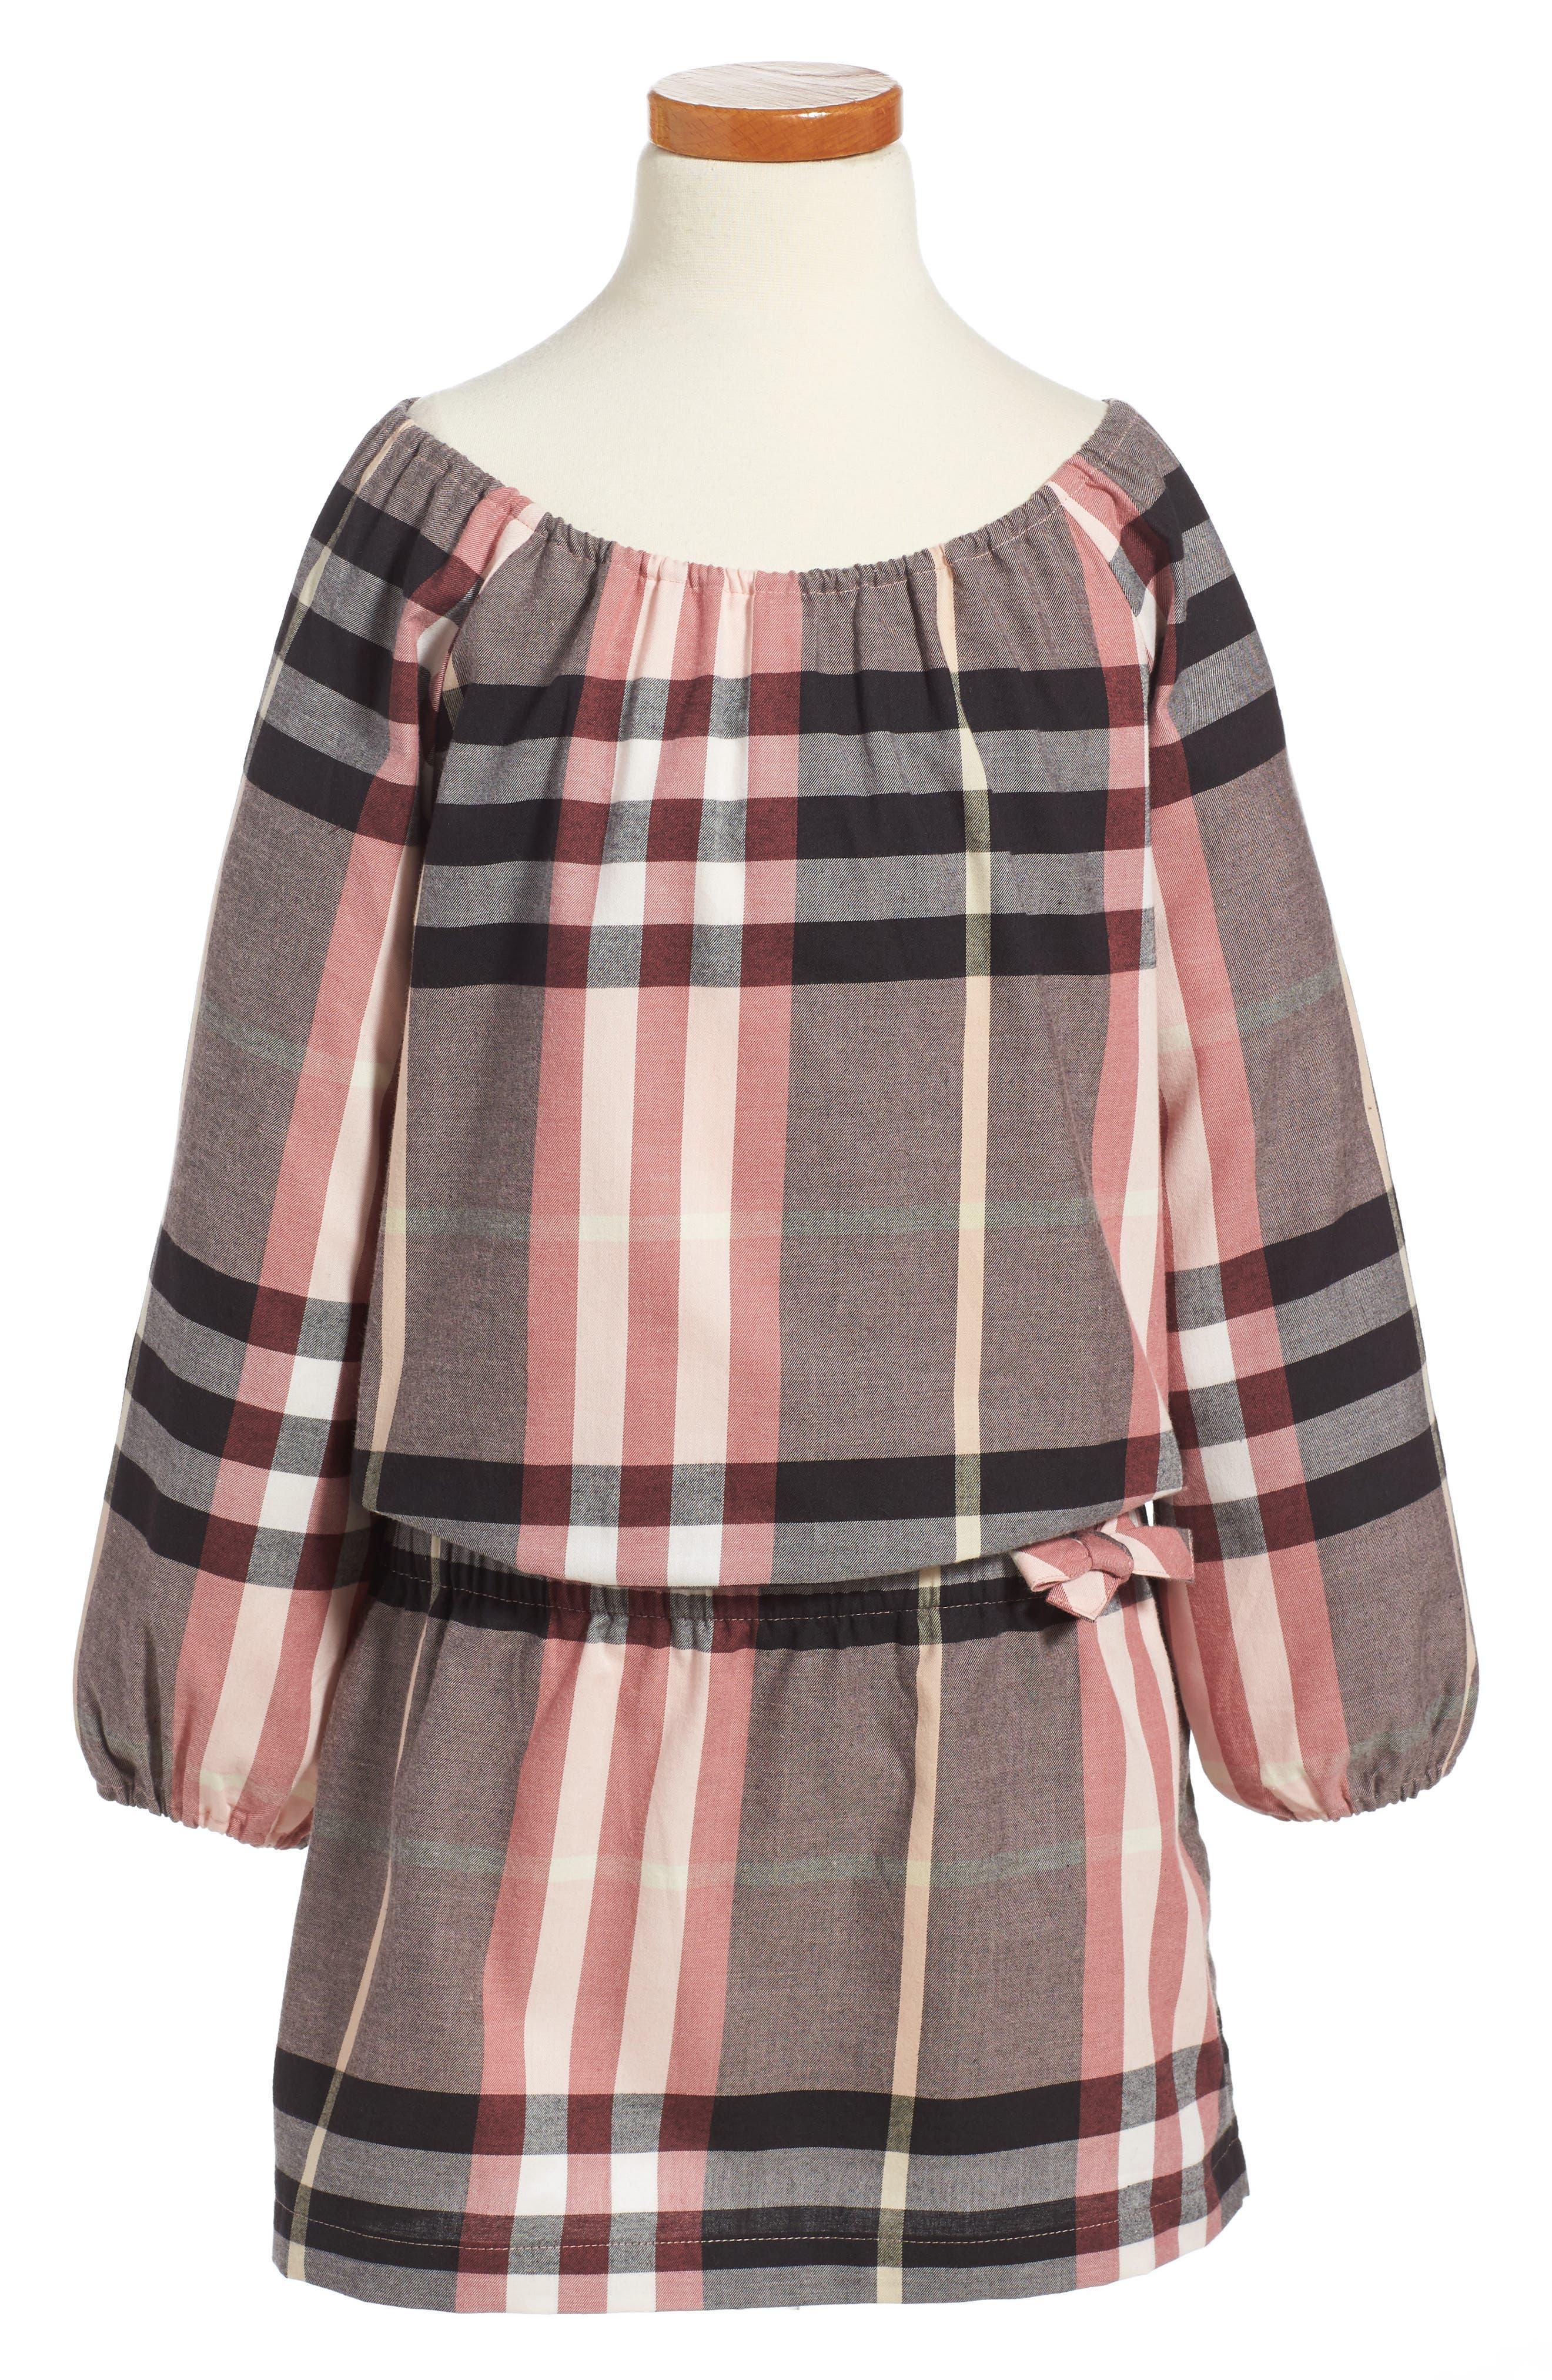 Burberry Kadyann Check Flannel Dress (Little Girls & Big Girls)